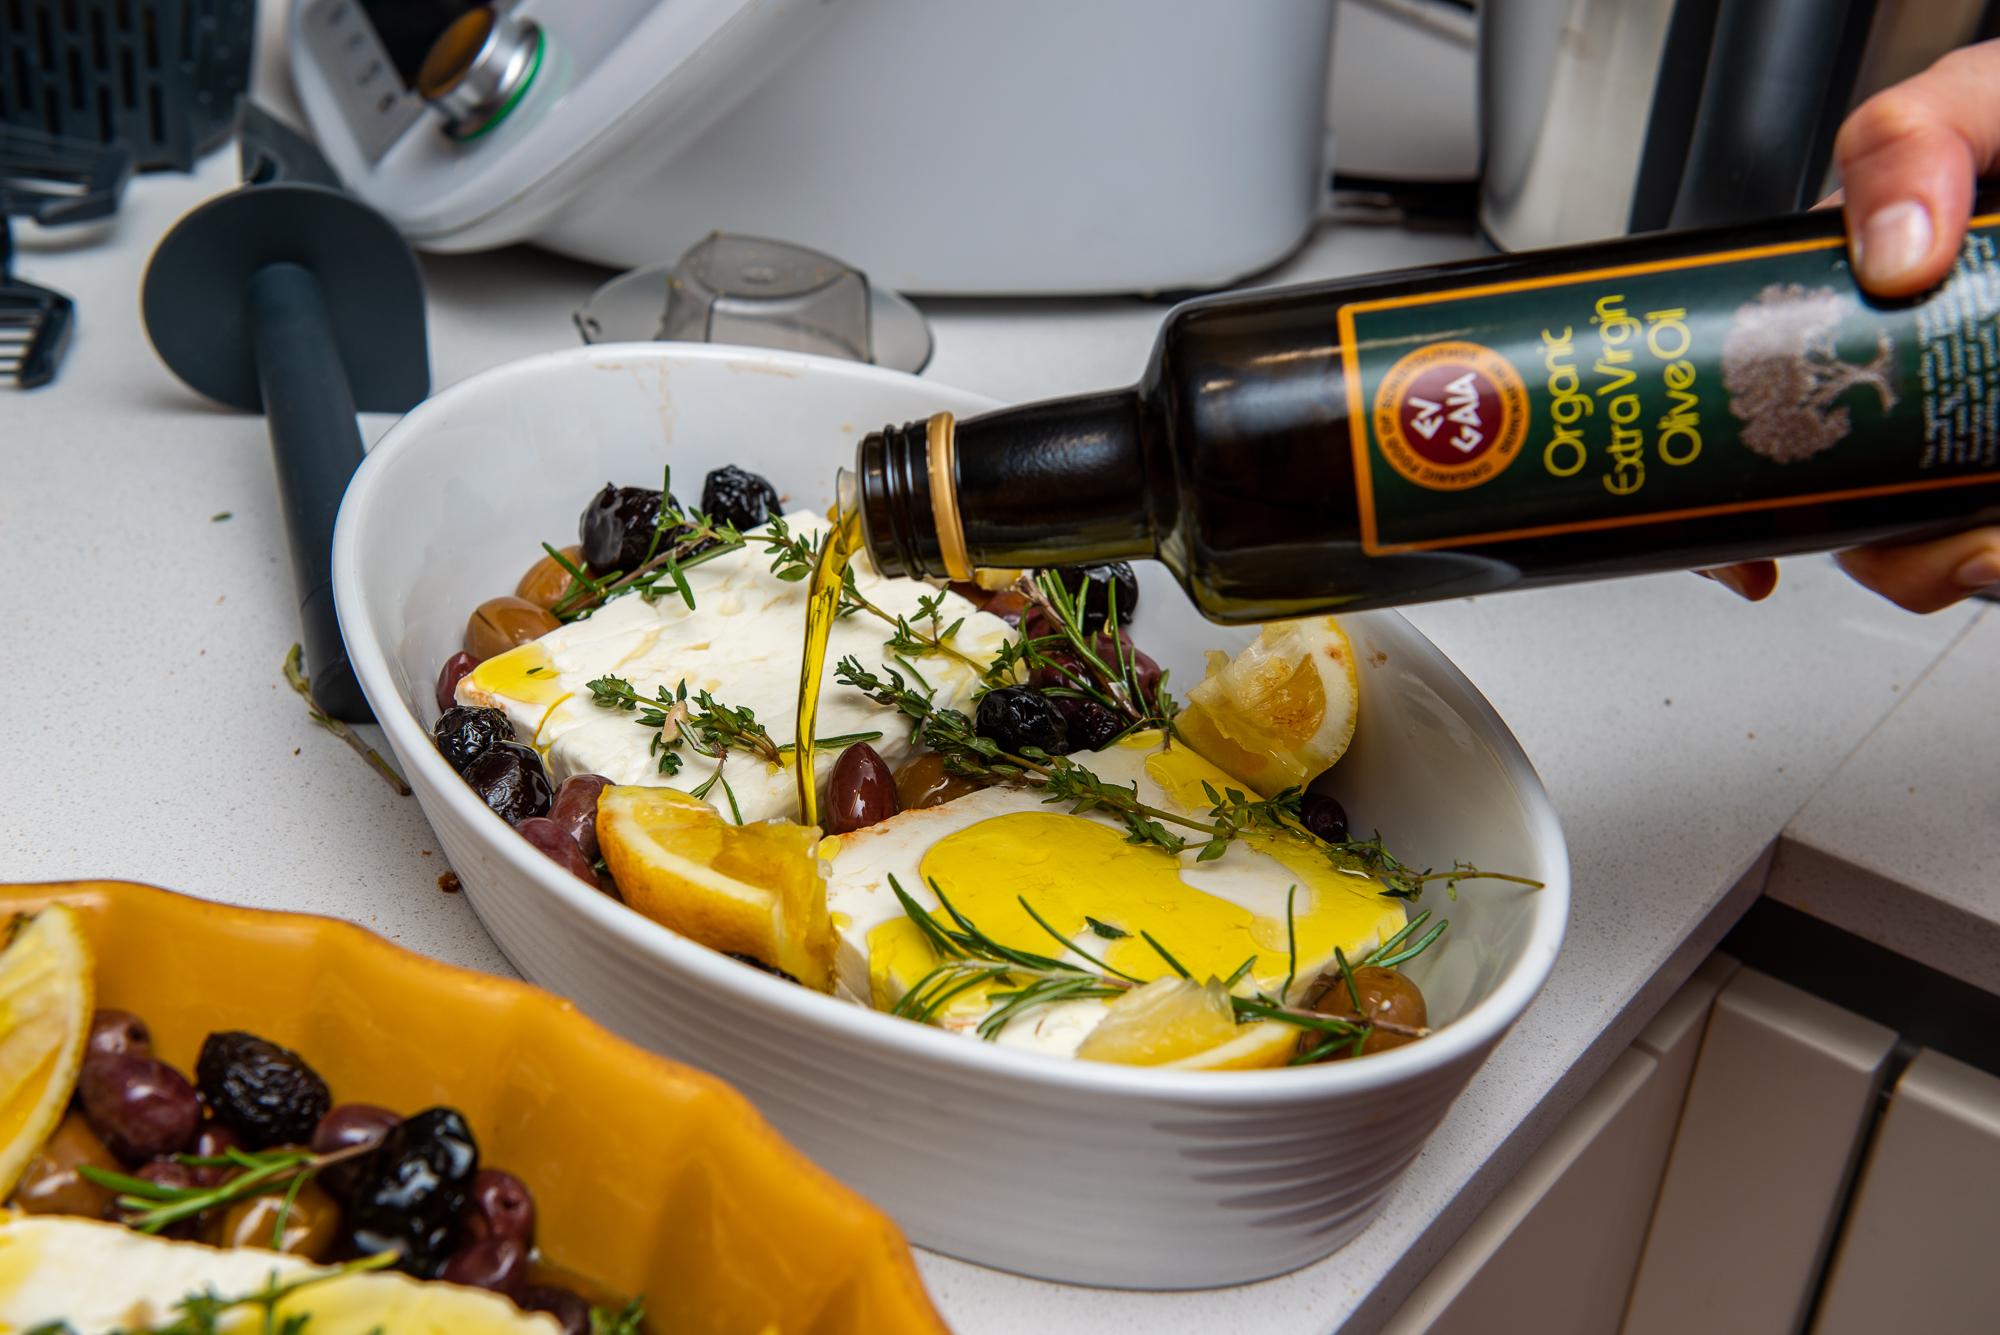 10 motive pentru care sa iubesti uleiul de masline (via lachicboutique.ro)